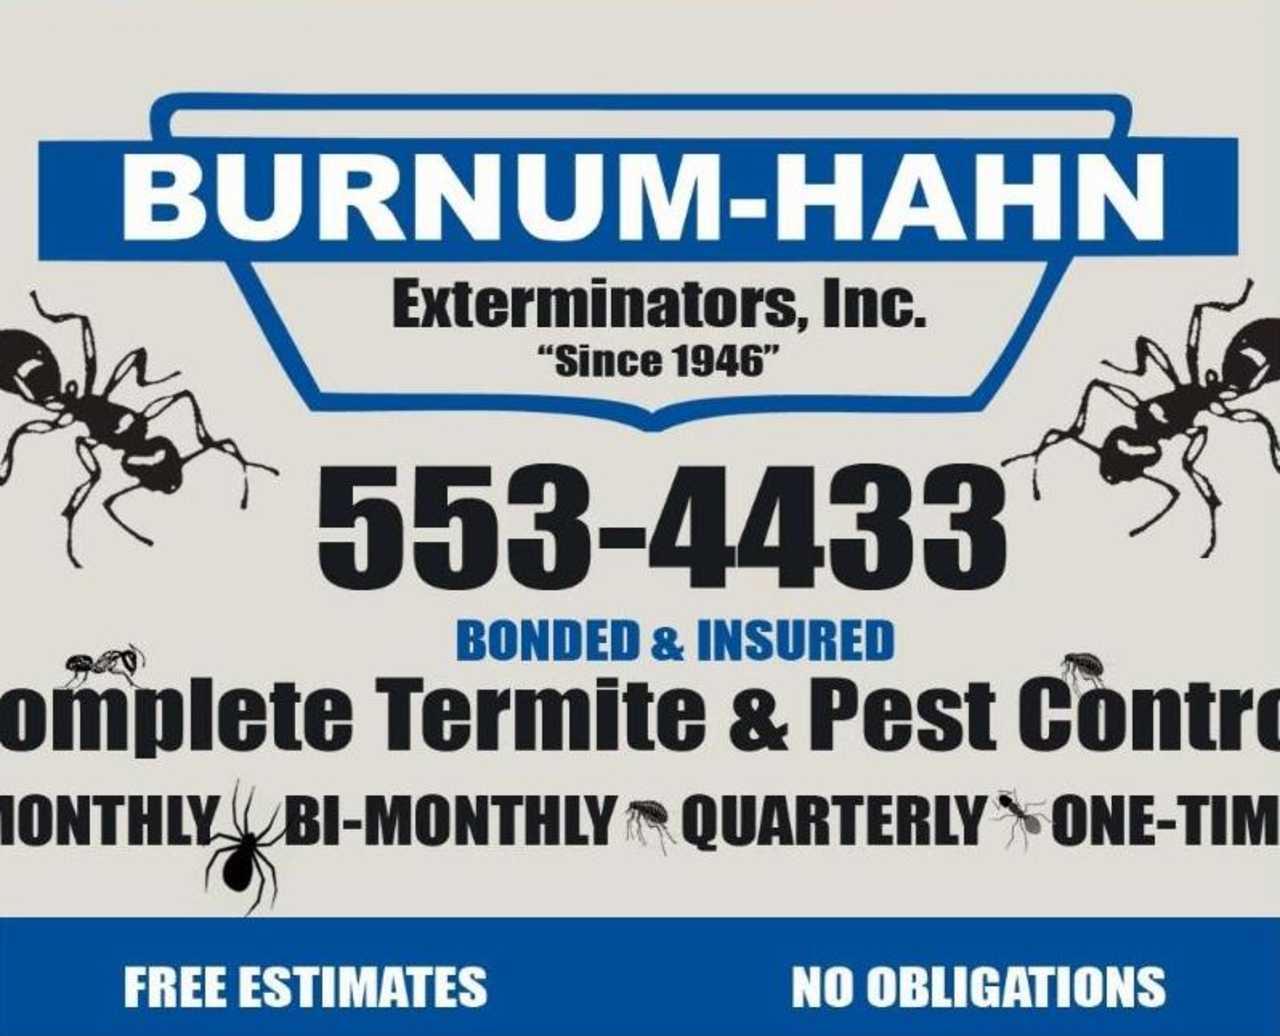 Burnum-Hahn Exterminators, Inc - Services - Pest Control Services in Tuscaloosa AL